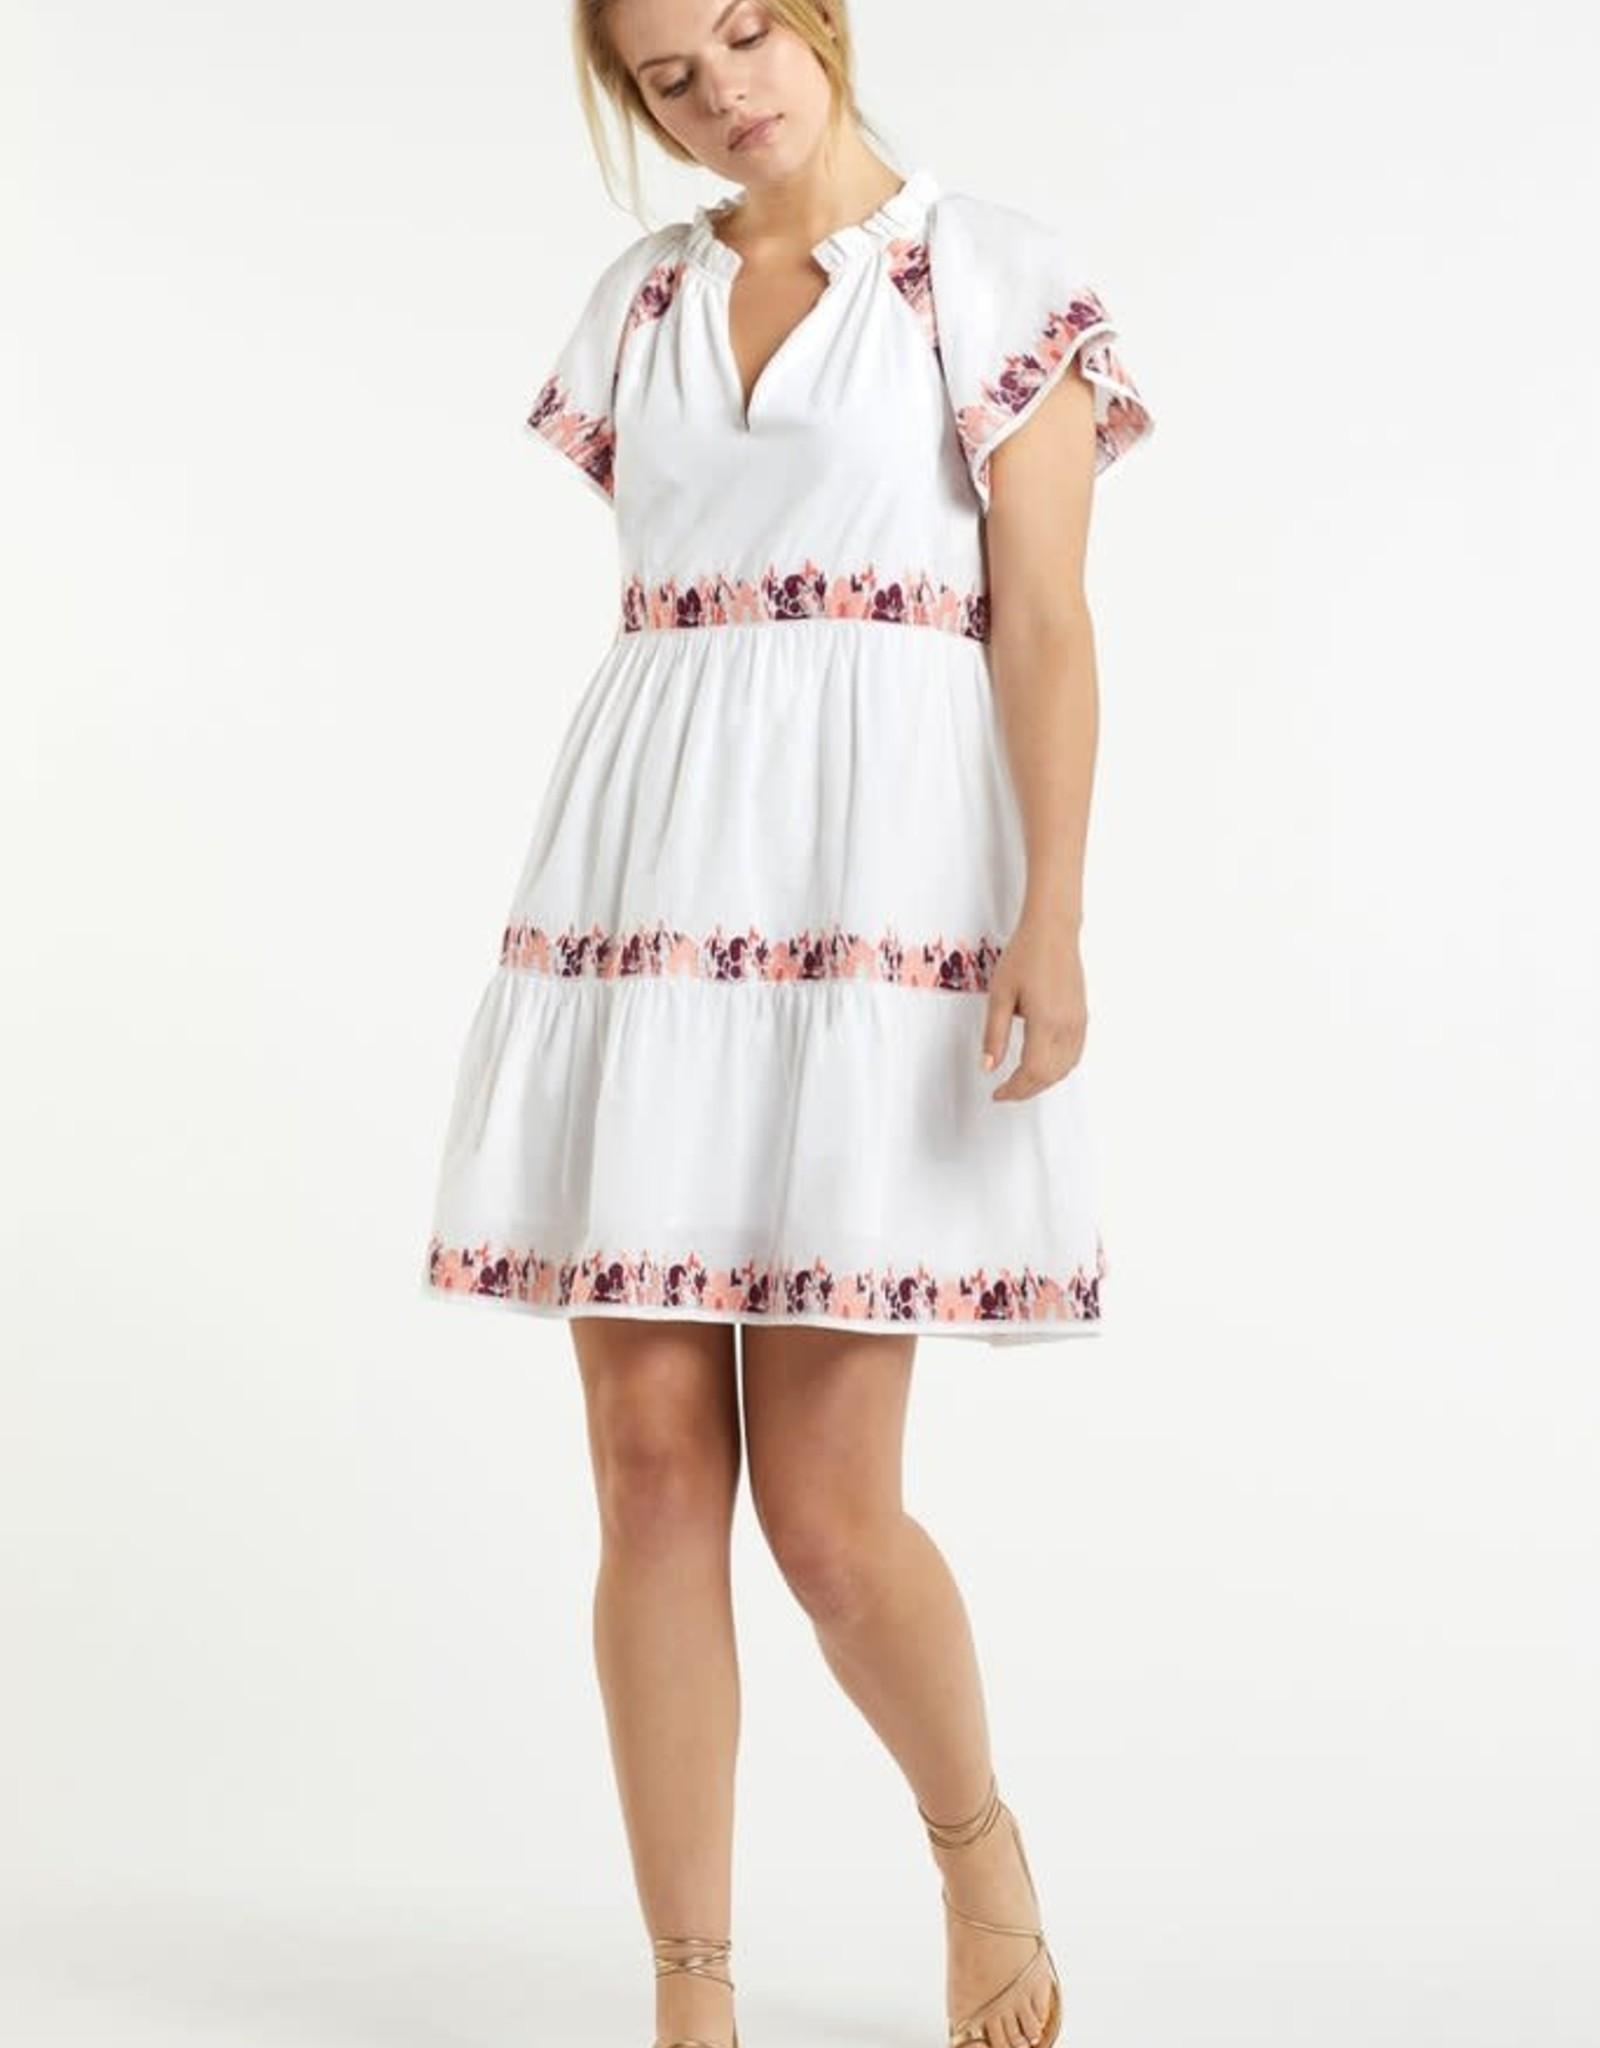 MARIE OLIVER ELLIE EMBROD DRESS